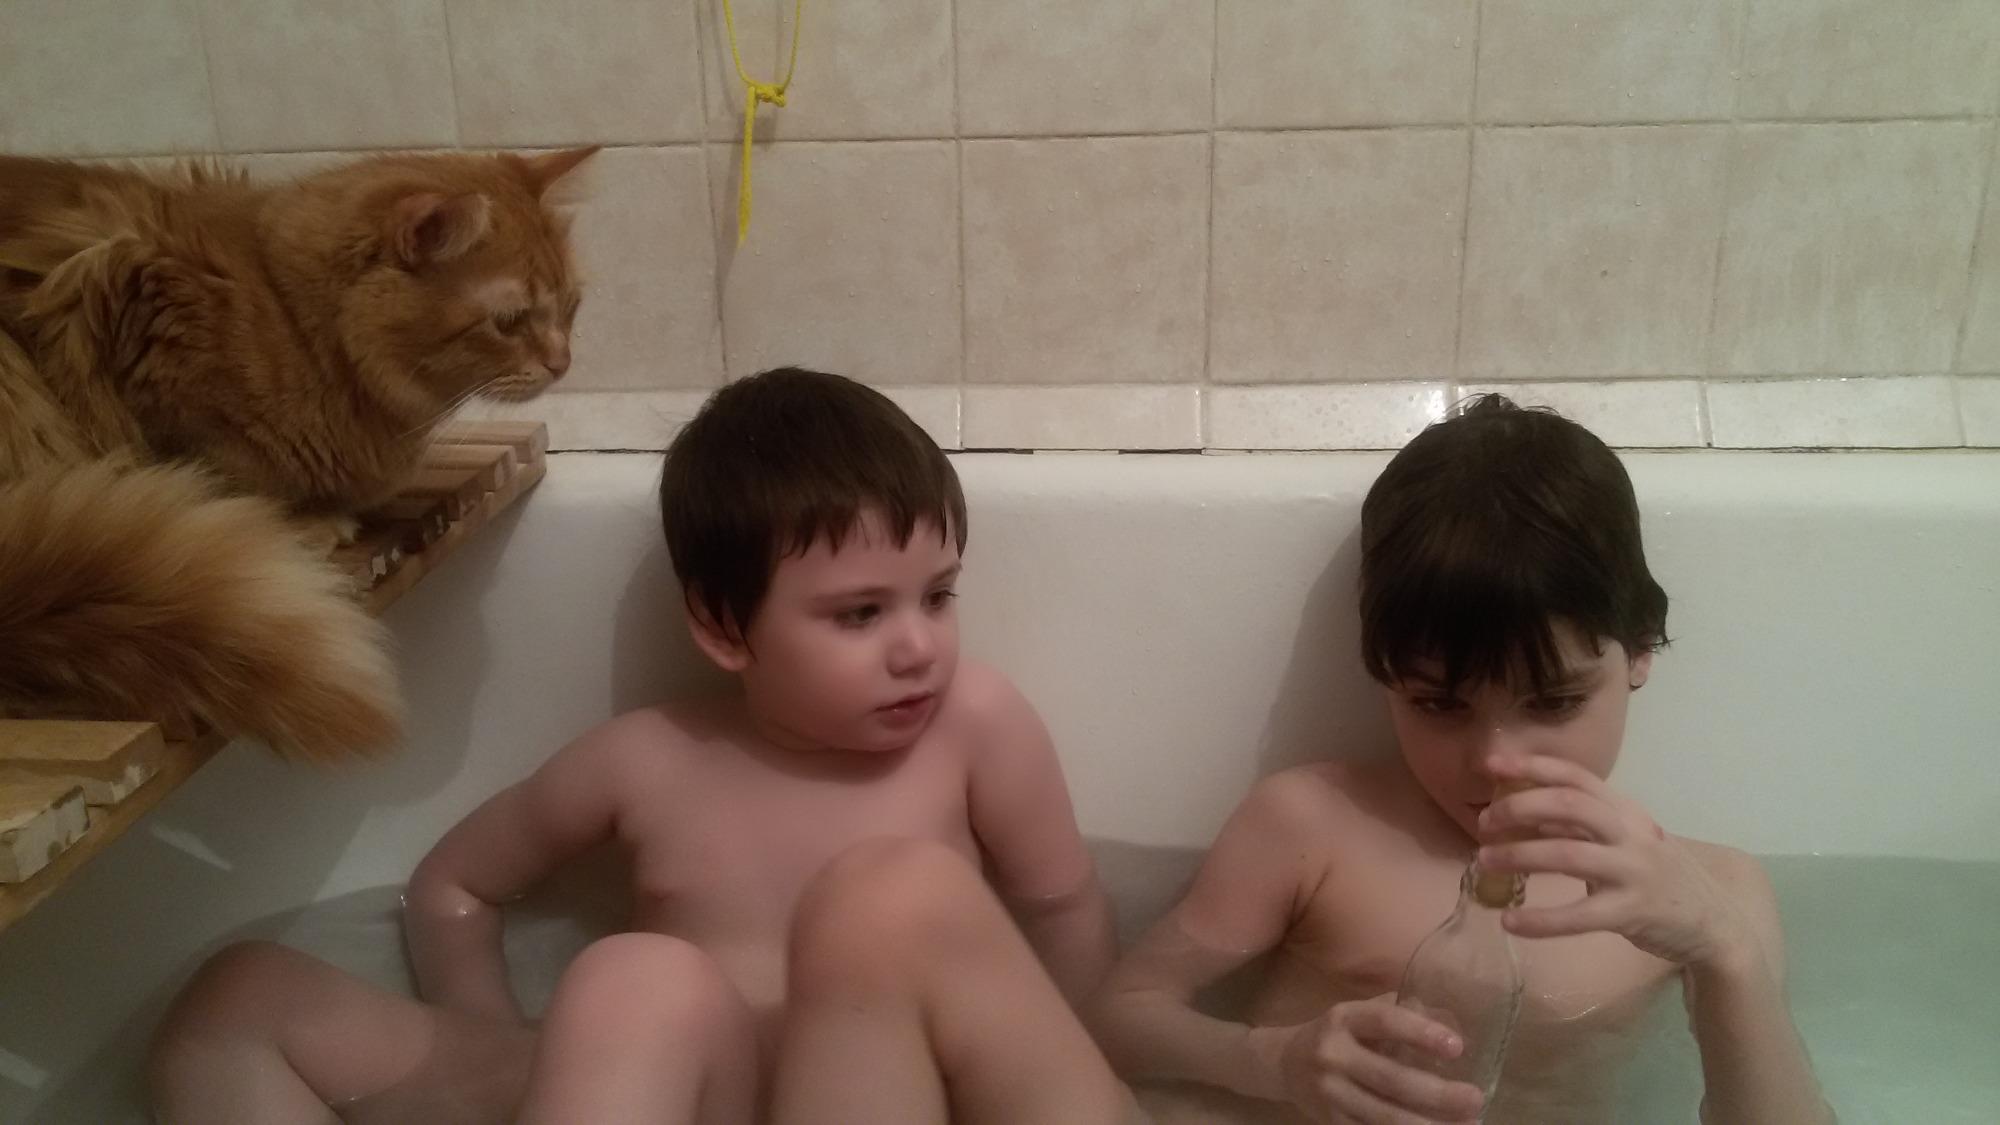 Рыжий кот Персик следит за купанием детей